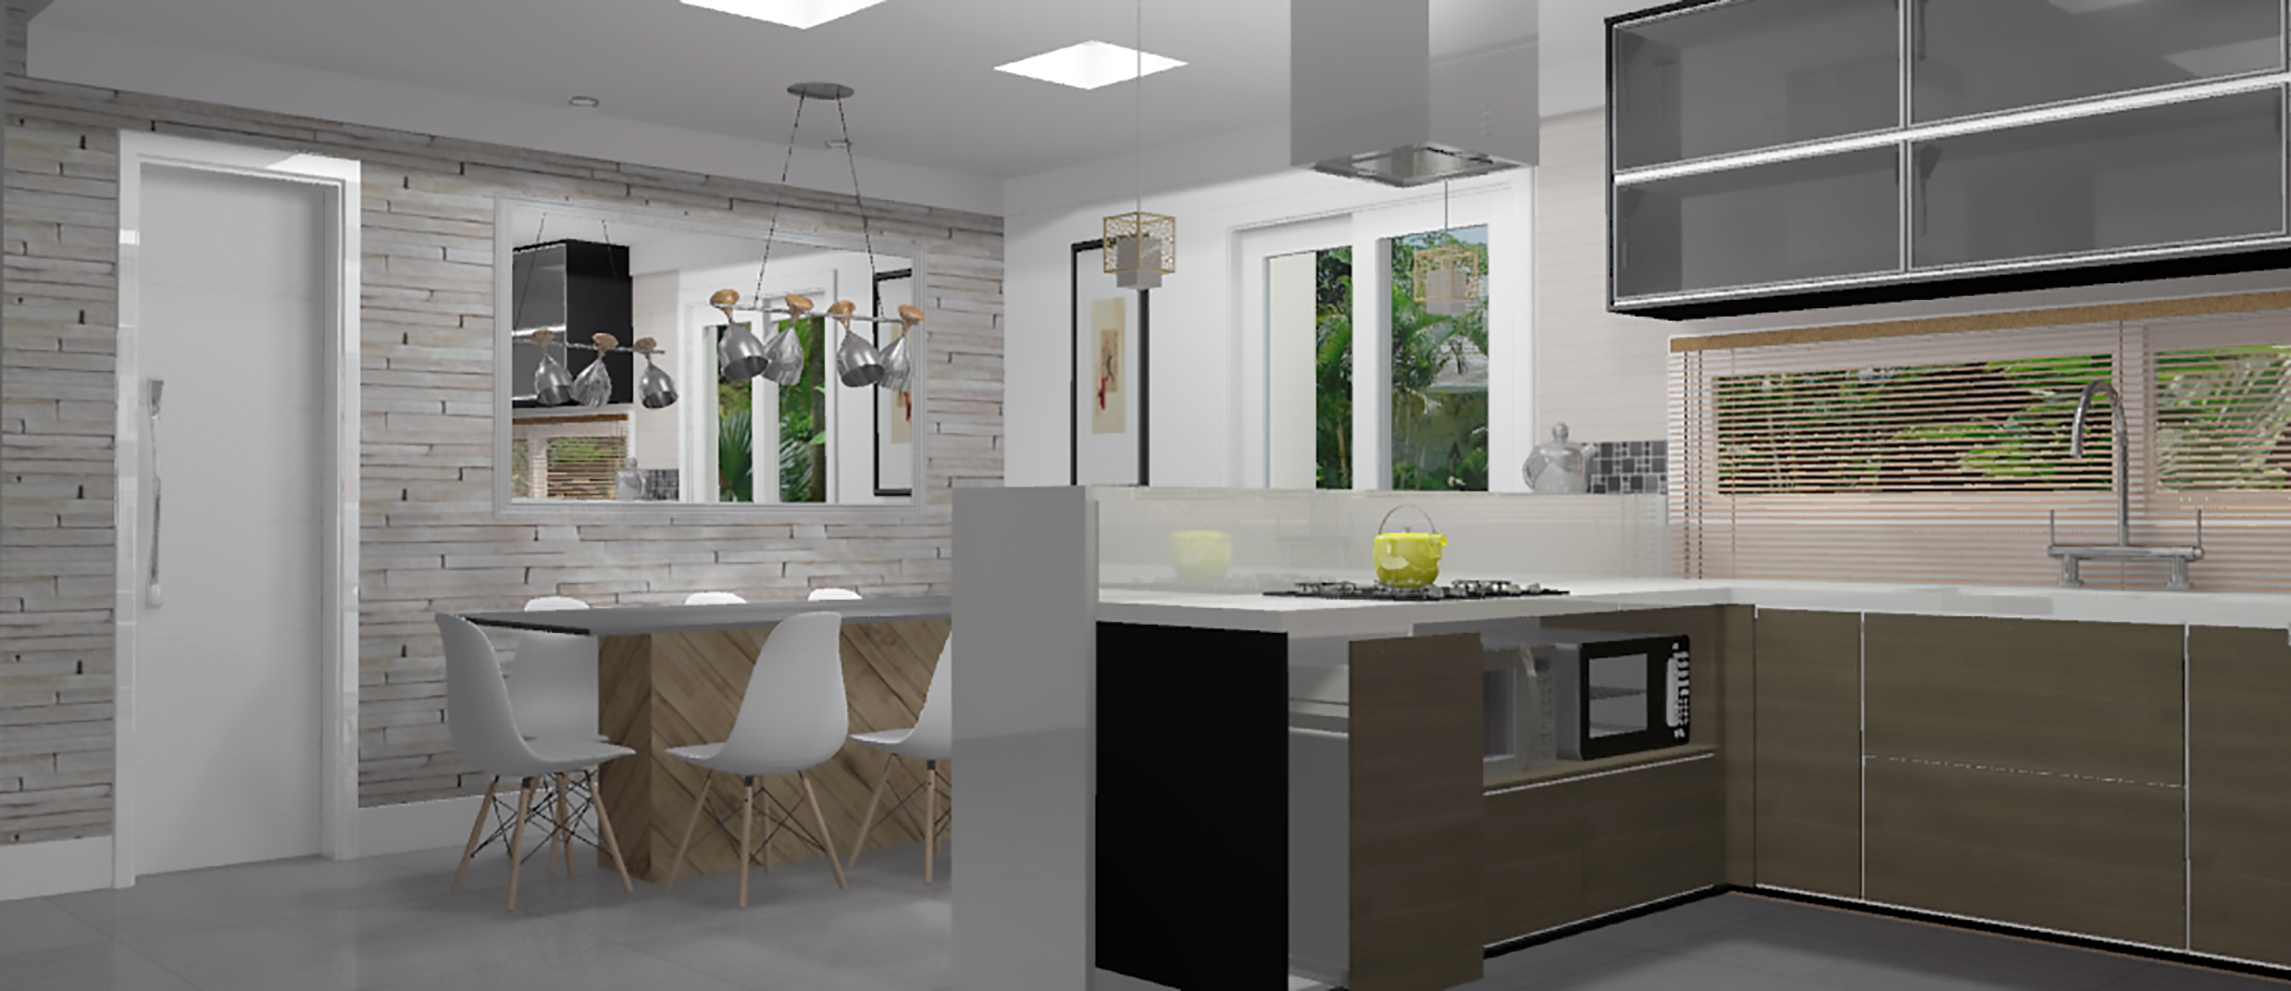 de cozinha reforma cozinha cozinha modulada pequena projeto cozinha #4B603D 2291 991